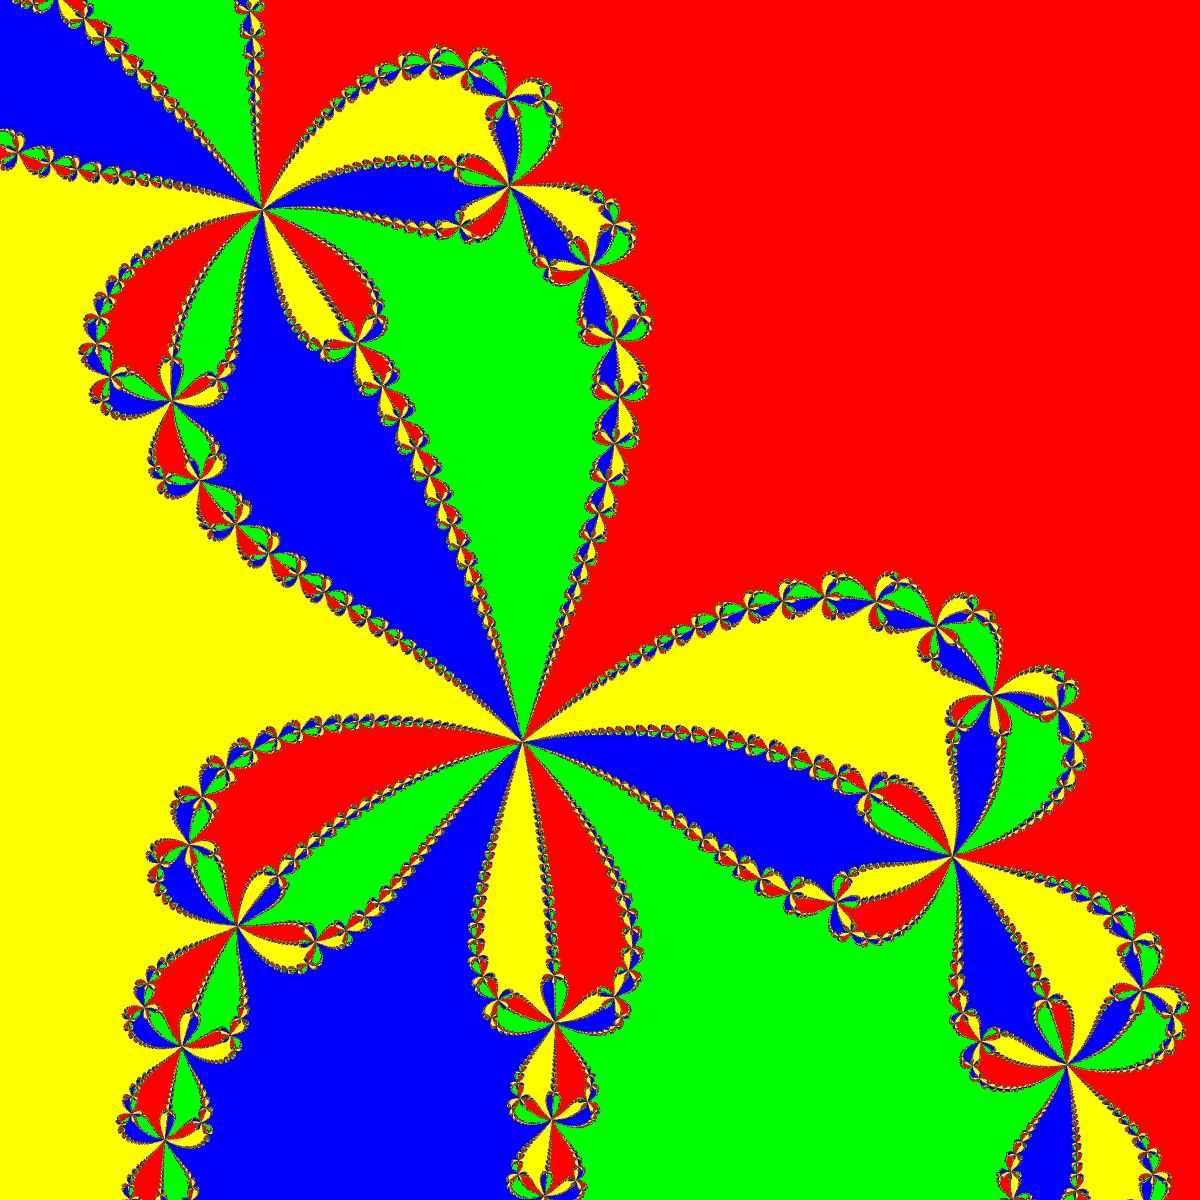 Newton - Basins of Attraction von f(z)=z^4-1, Zoom b